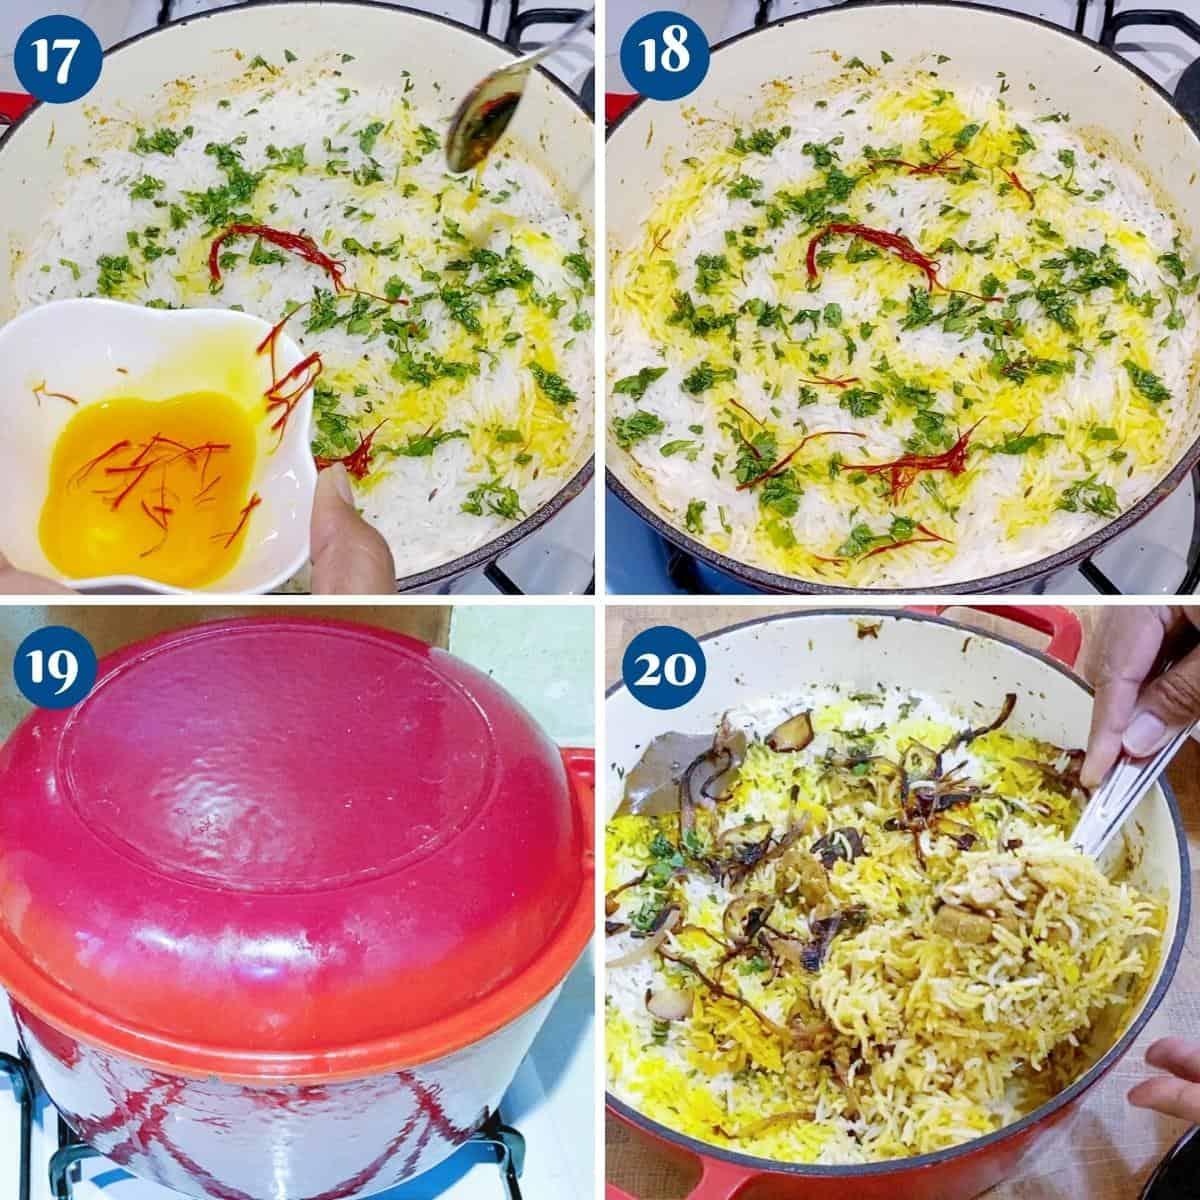 Progress pictures cooking biryani in Dutch oven.